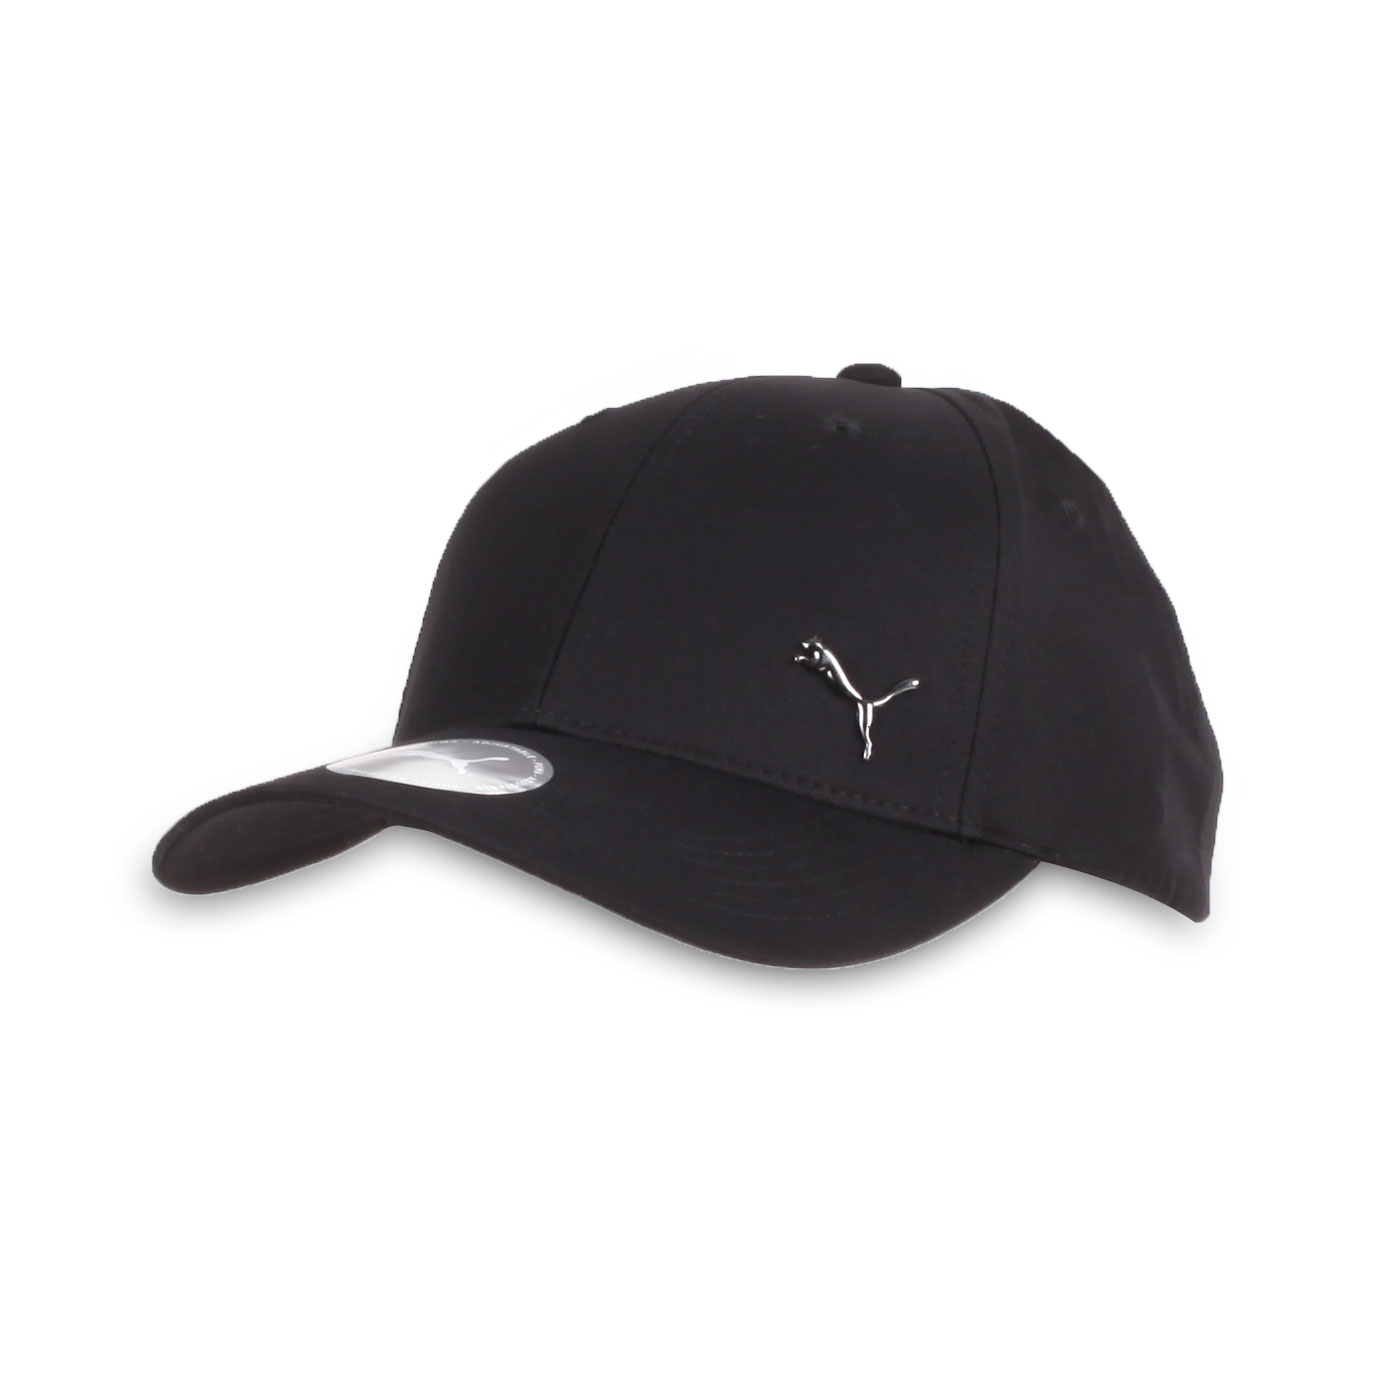 PUMA 基本系列棒球帽 02126901 - 黑